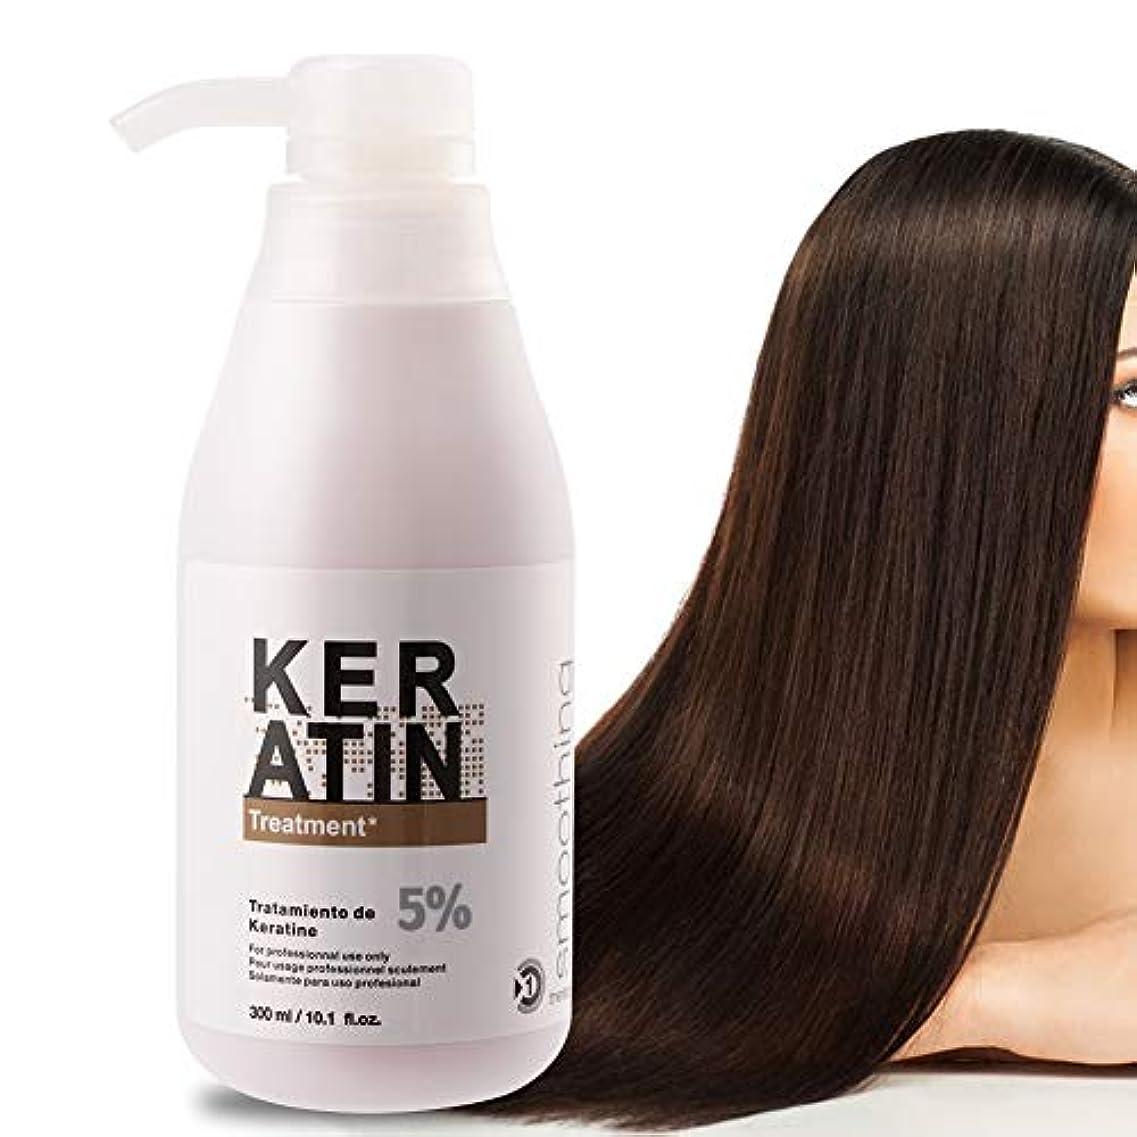 副詞感心するパワー乾いた、ダメージを受けた、そして化学的に処理された髪のためのケラチンとタンパク質のケラチンヘアマスク、300mlブラジルのケラチンヘアトリートメント